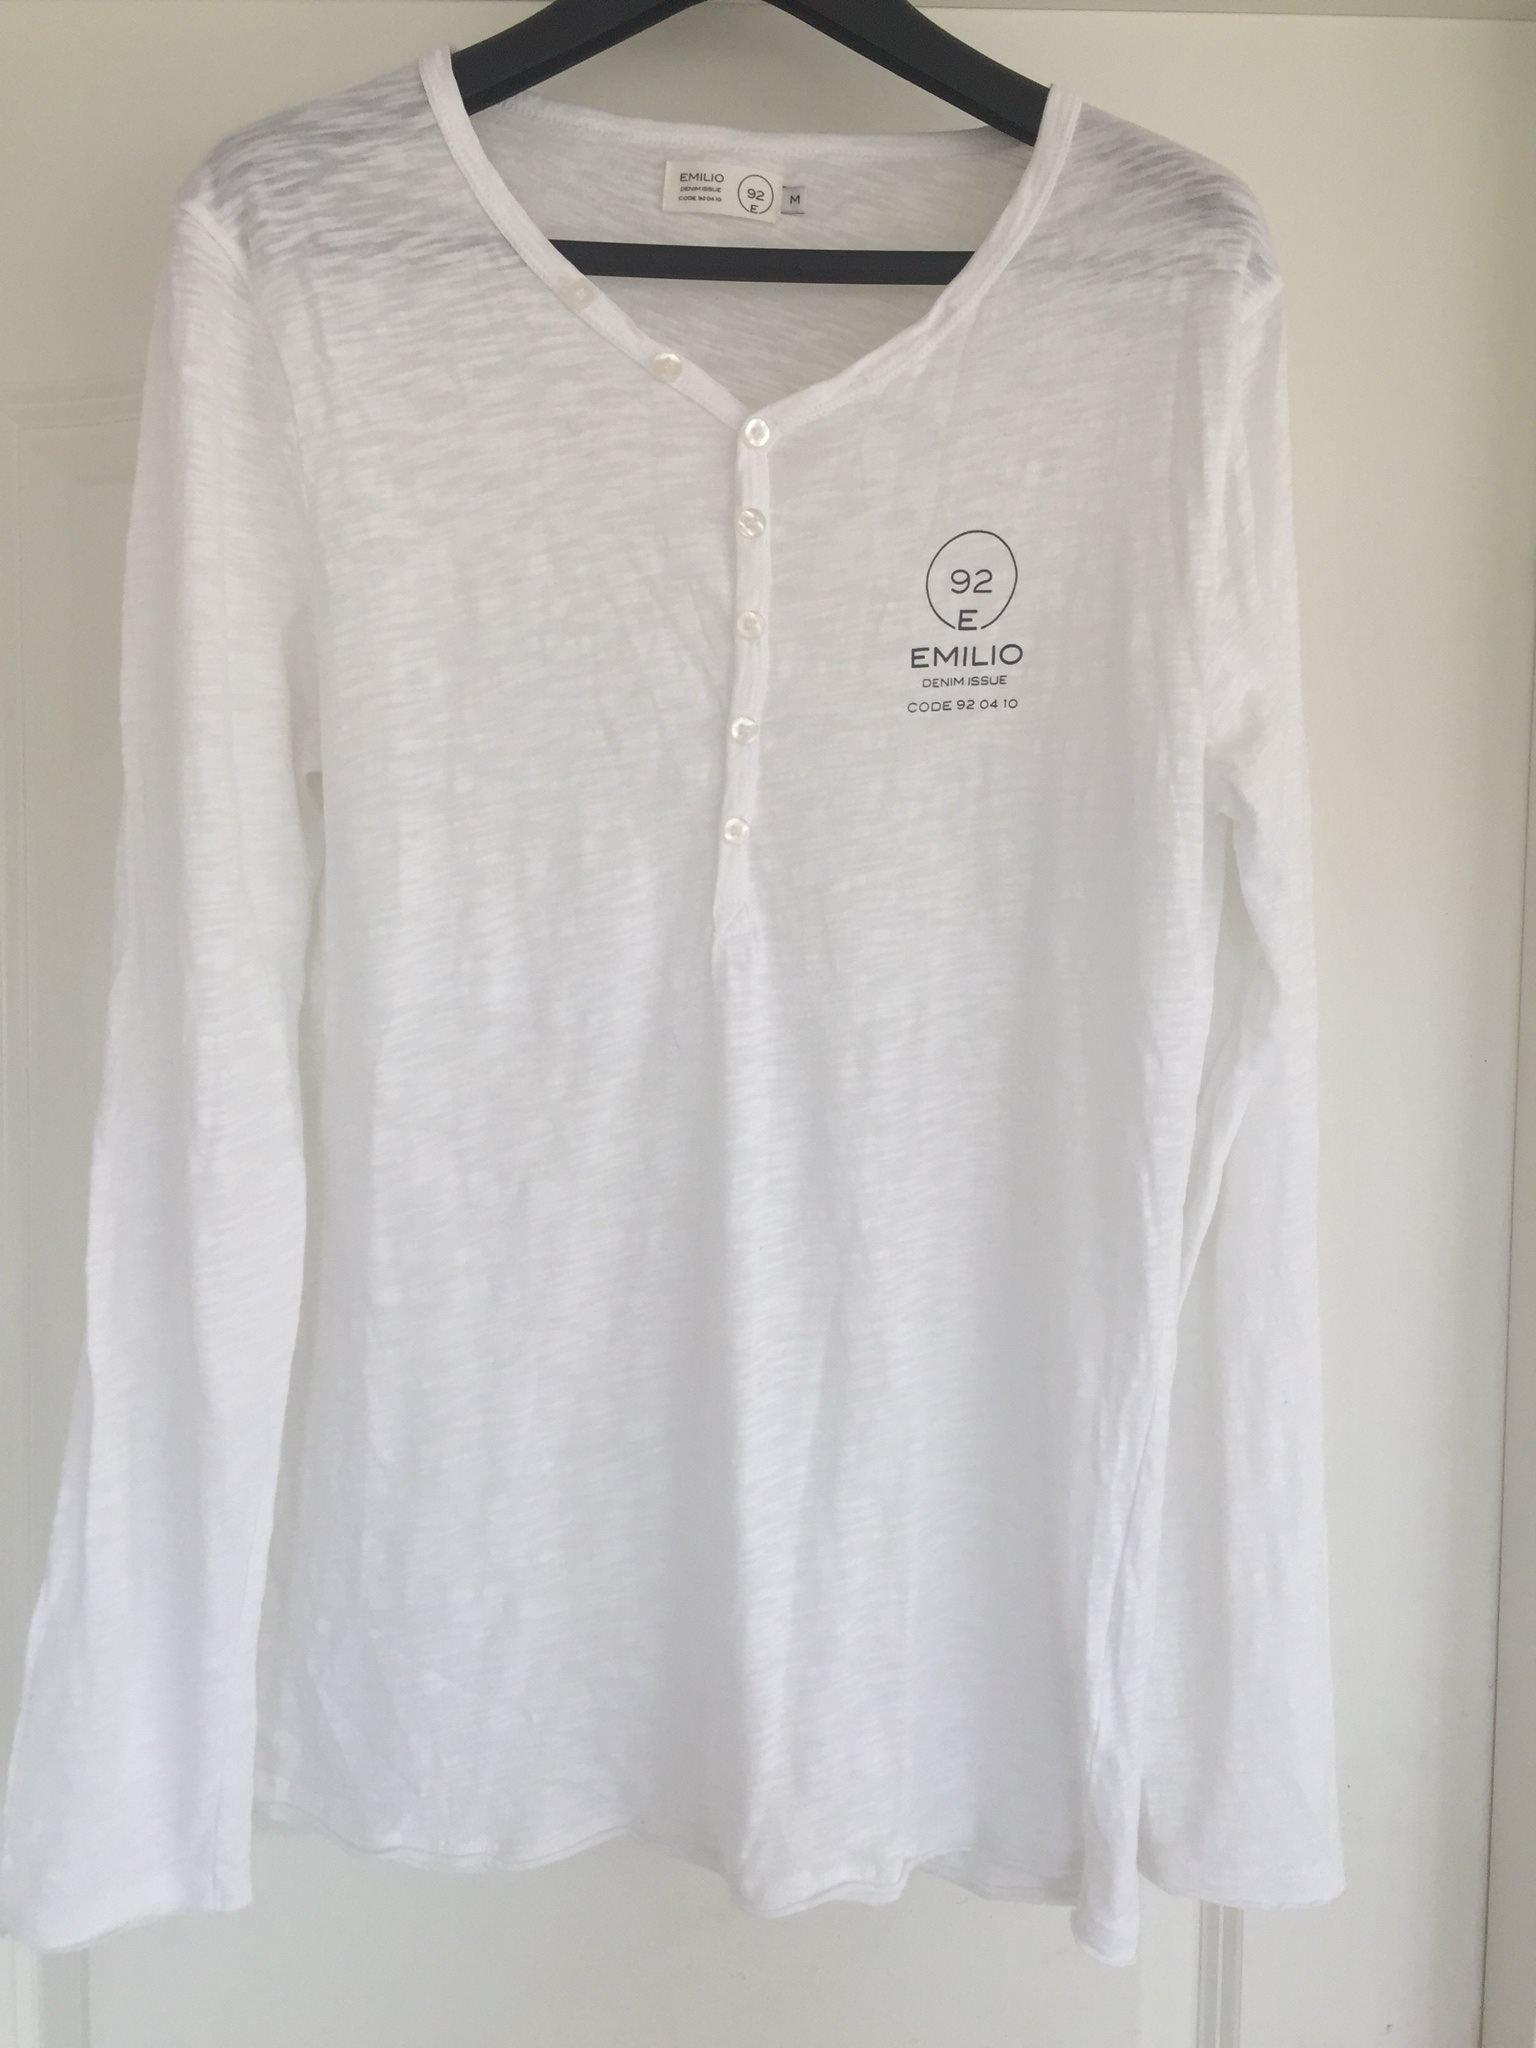 Jättesnygg vit långärmad snyggare t shirt tröja från Emilio knappar MQ stl M